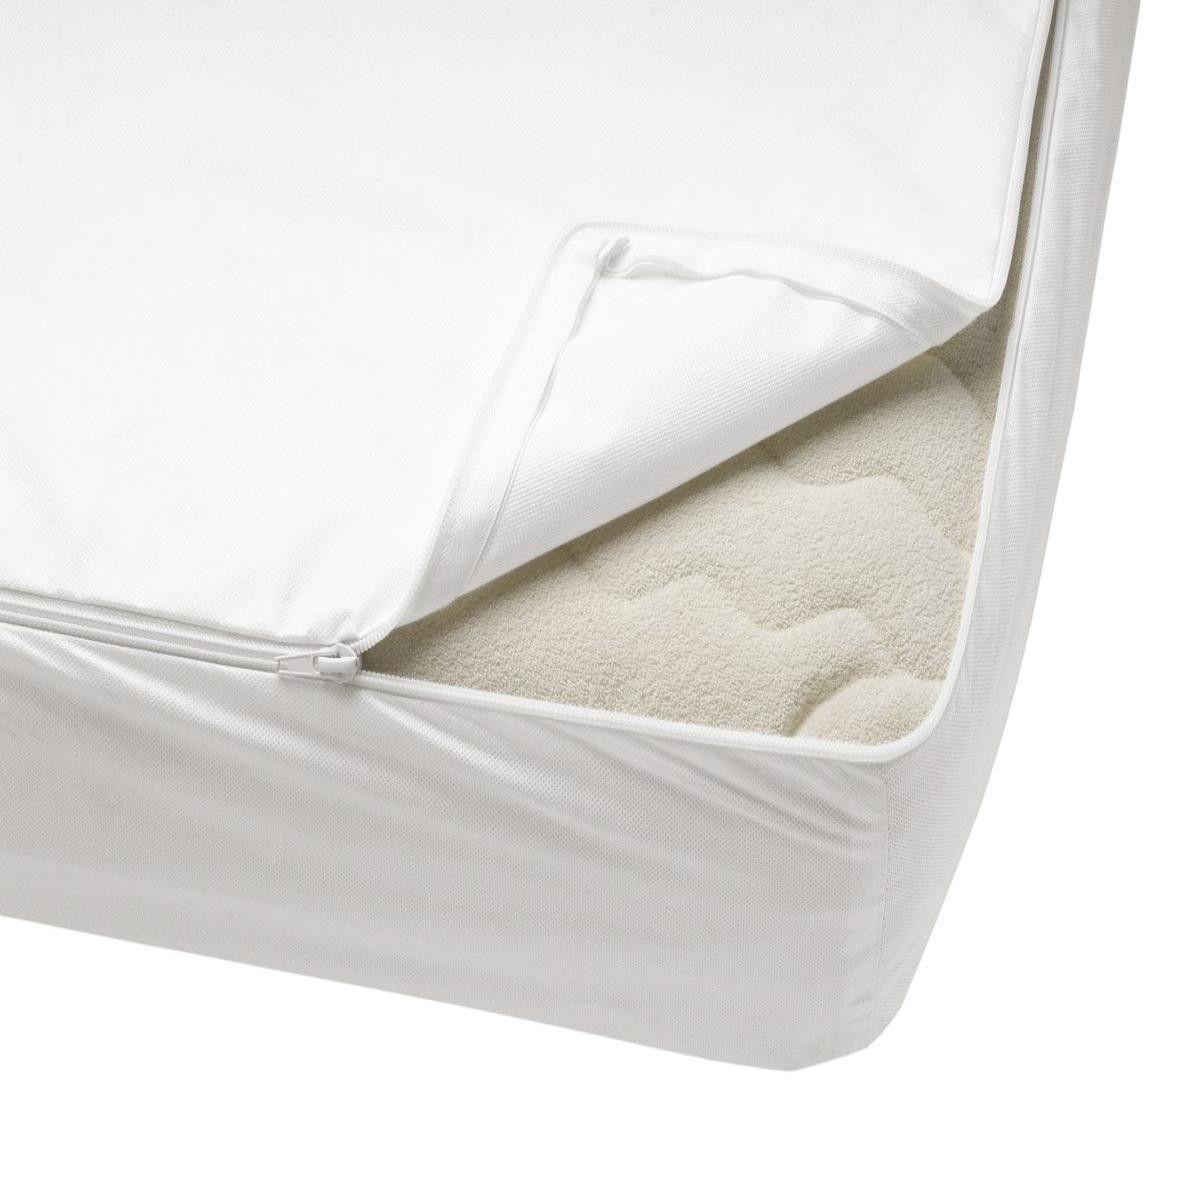 Allergie Hausstaubmilben Chicco Matratzenbezug Anti Dustmite ägypten